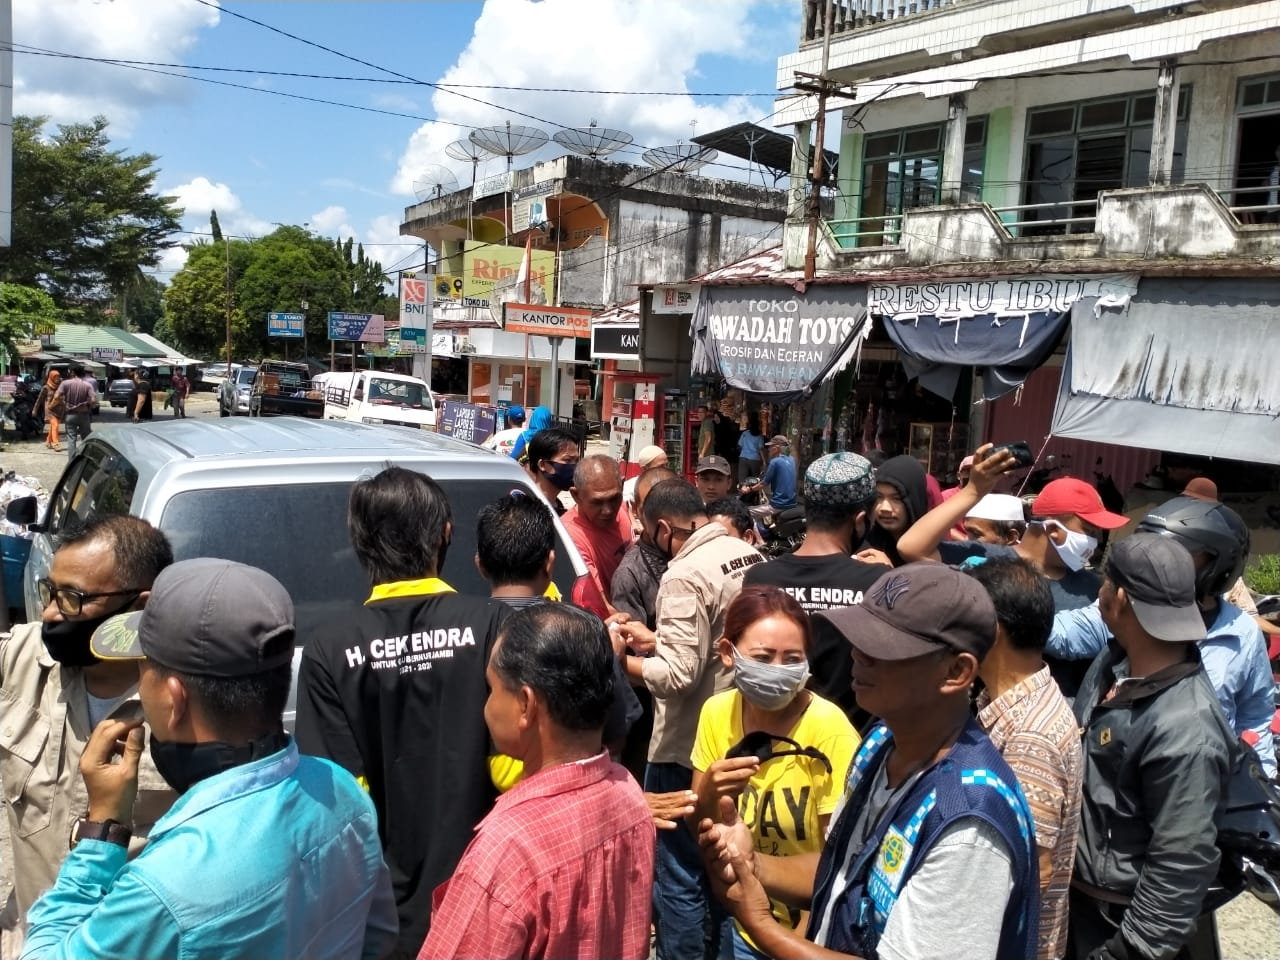 Relawan Cek Endra diserbu warga ketika membagikan masker gratis